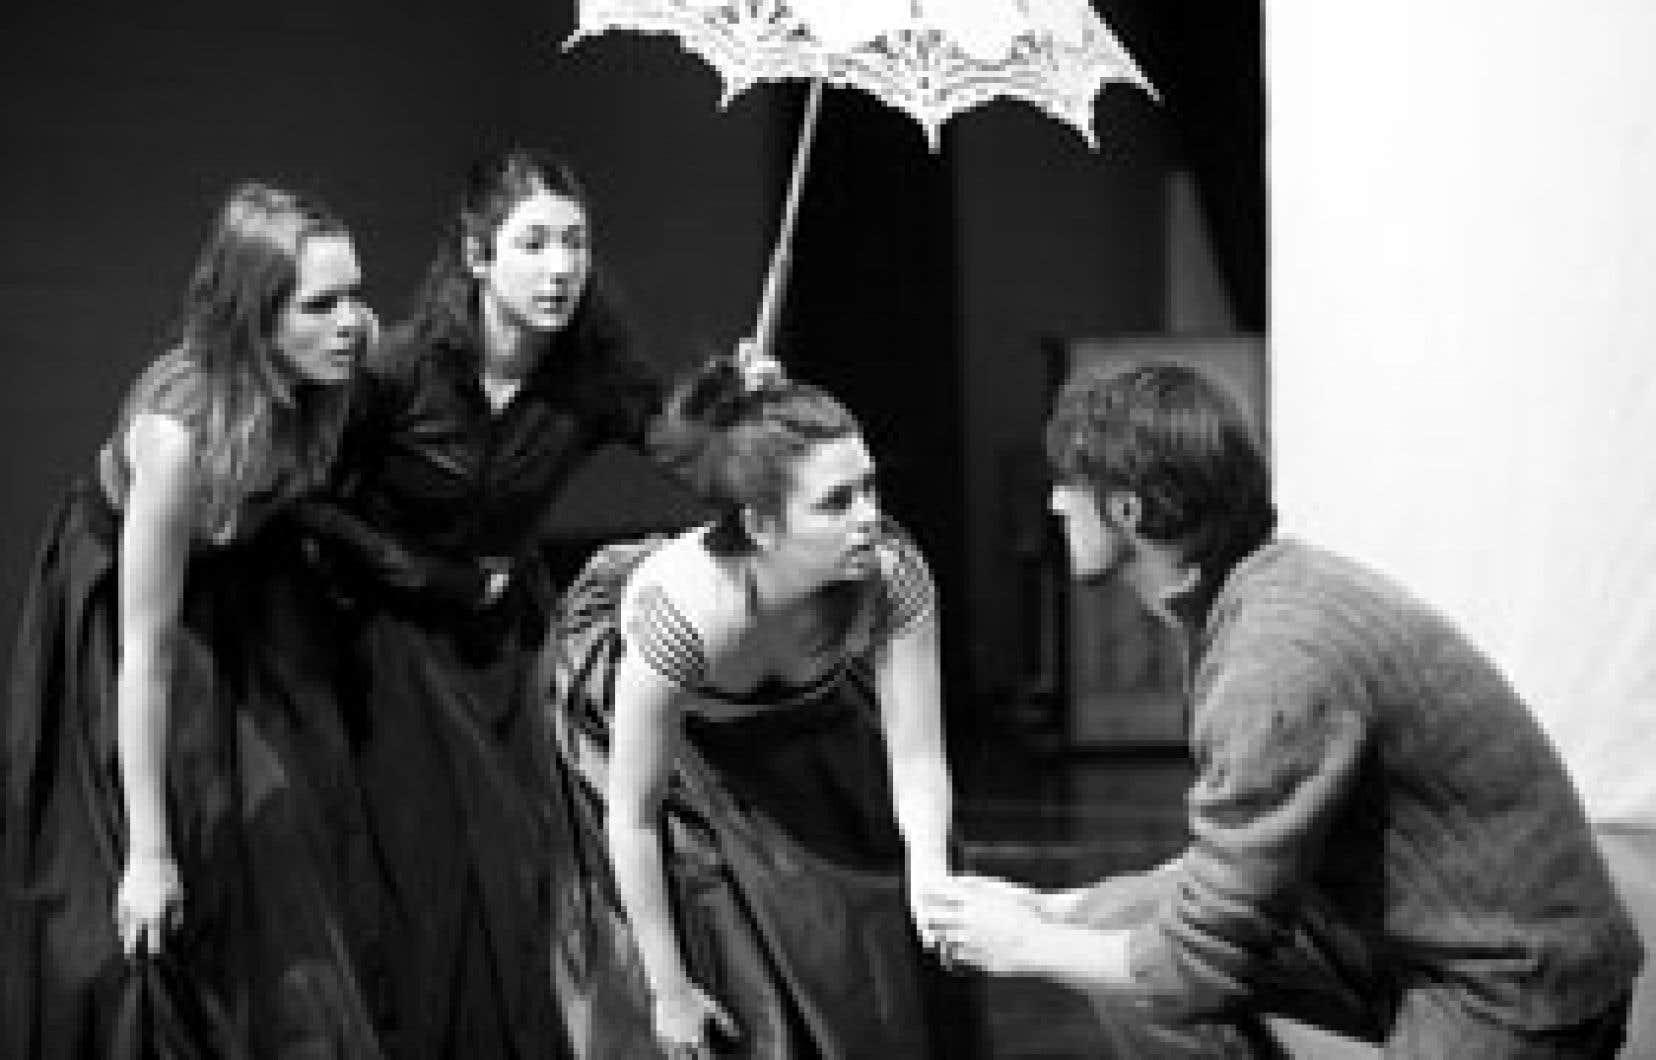 La solide distribution de la pièce Le Menteur contribue à recréer la magie du théâtre. Photo: Jonathan Robert